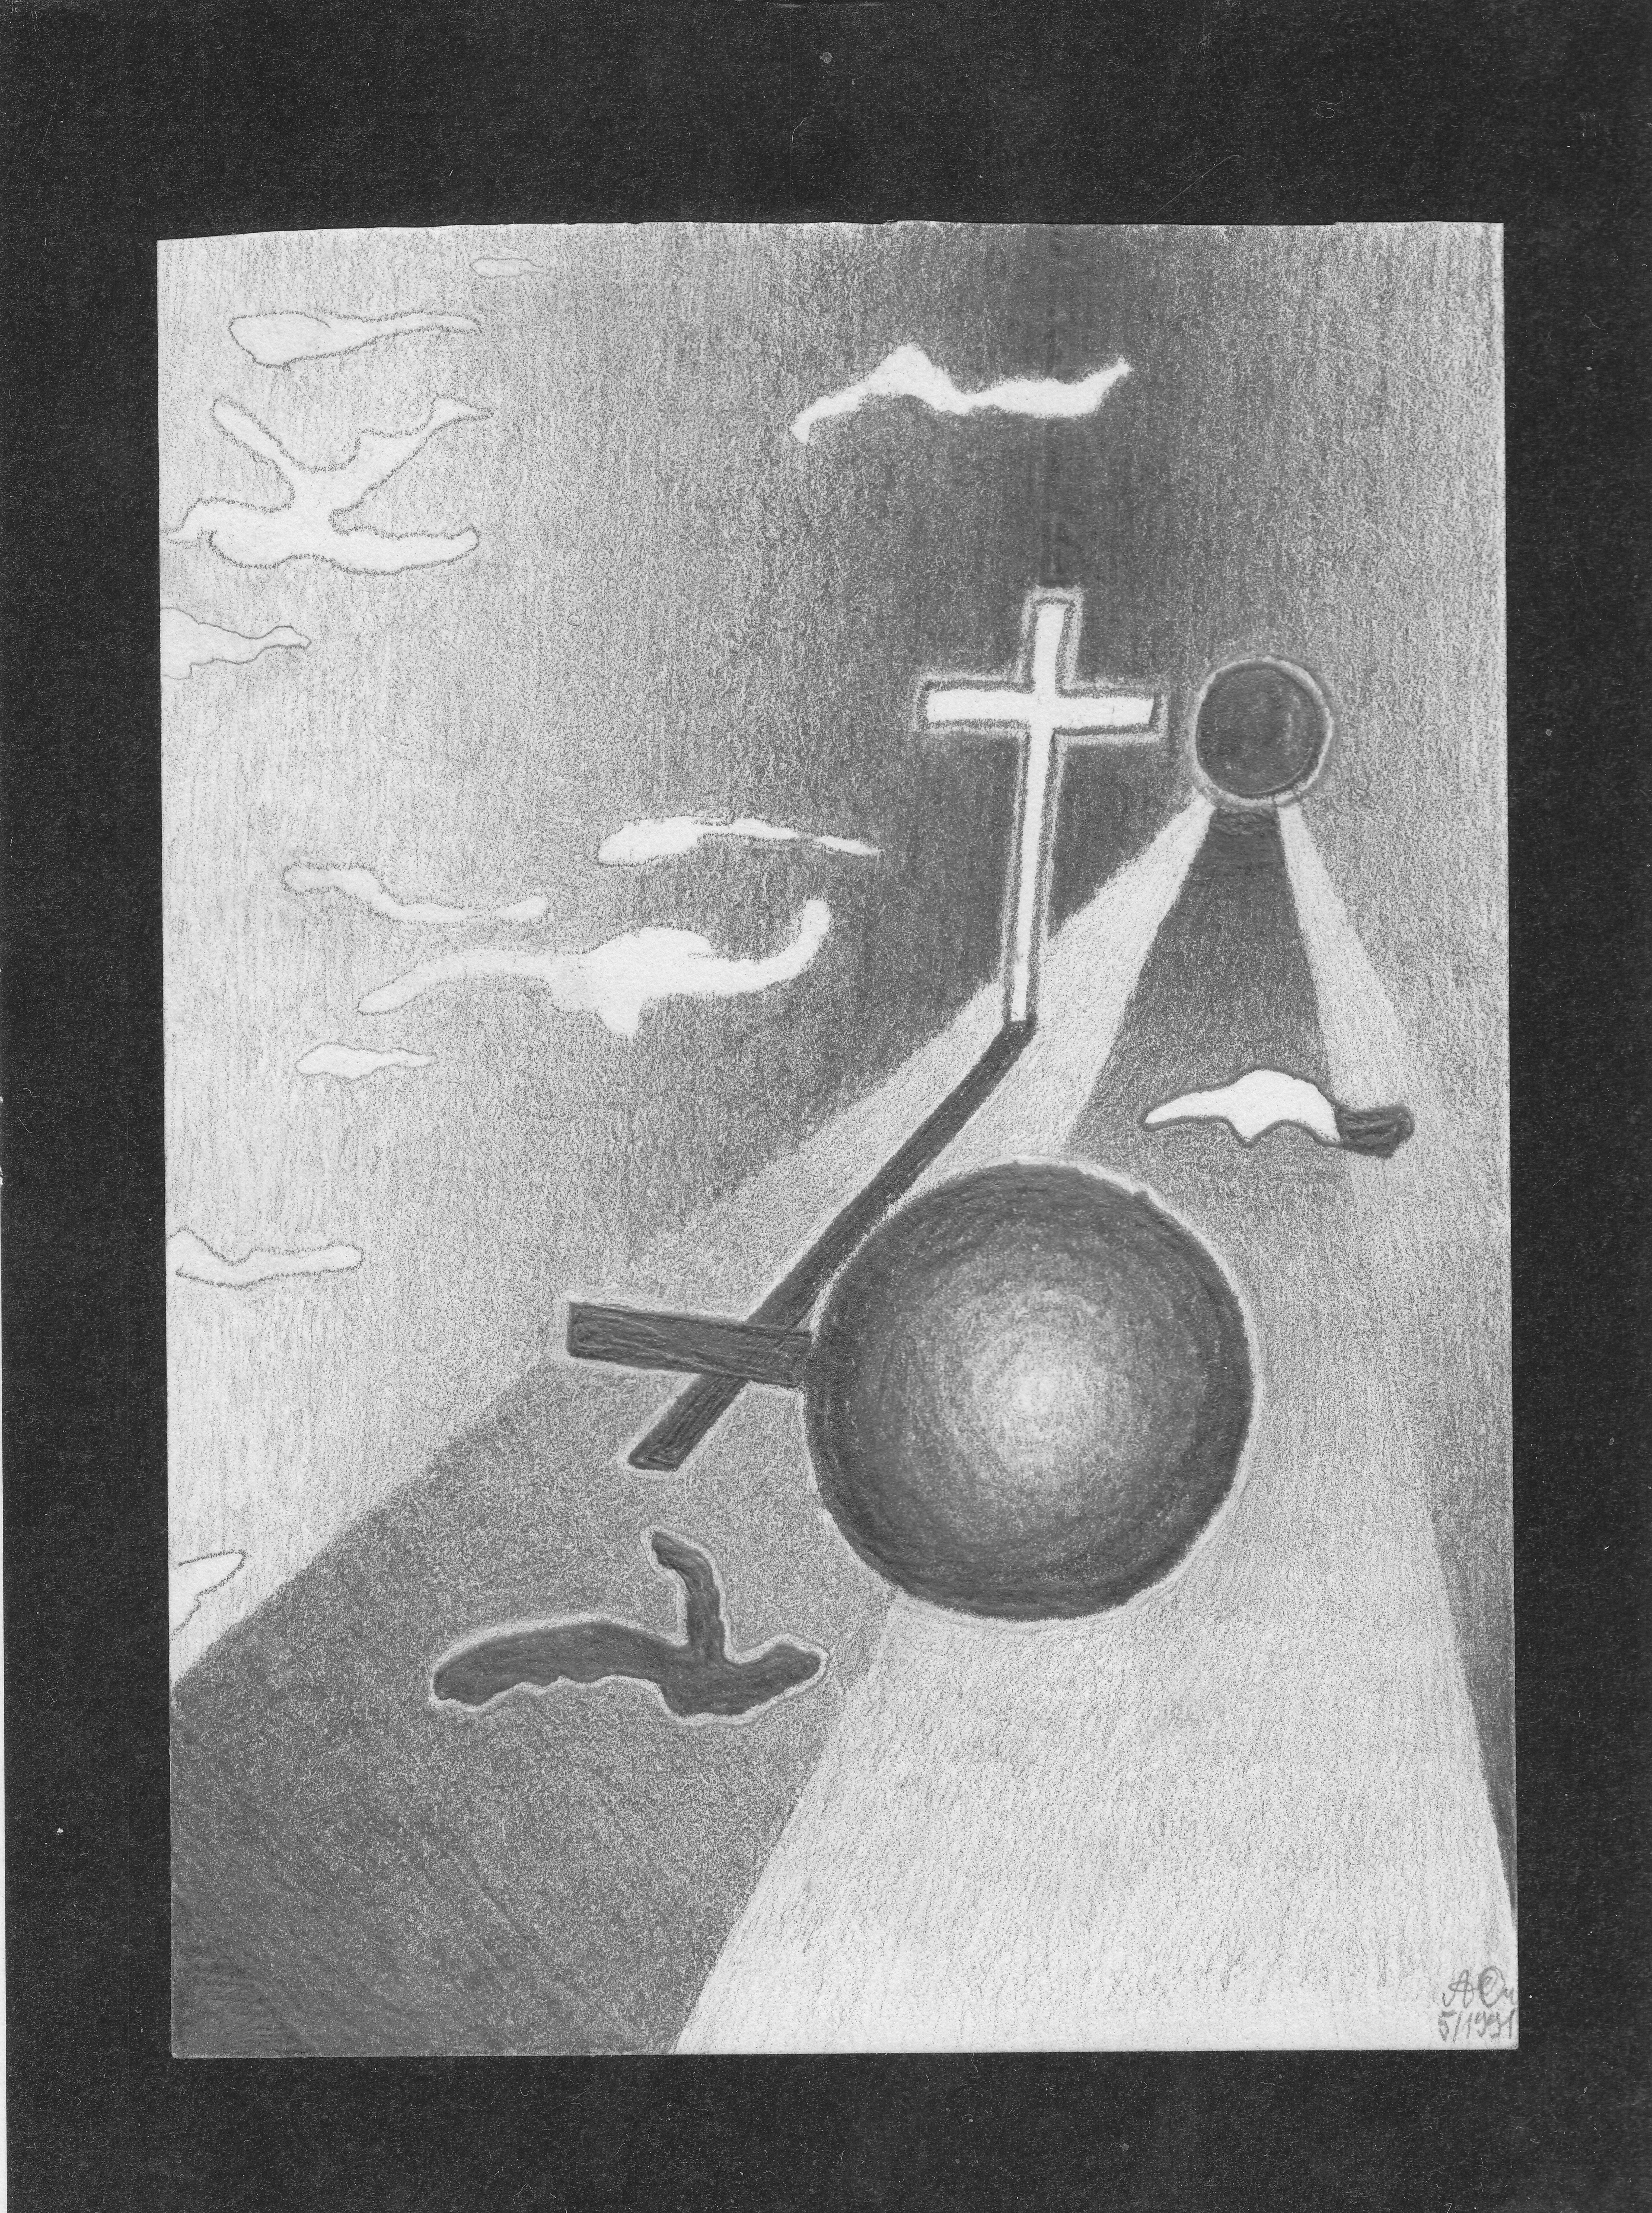 Schattenkreuz; 1991; Graphit; imachd.